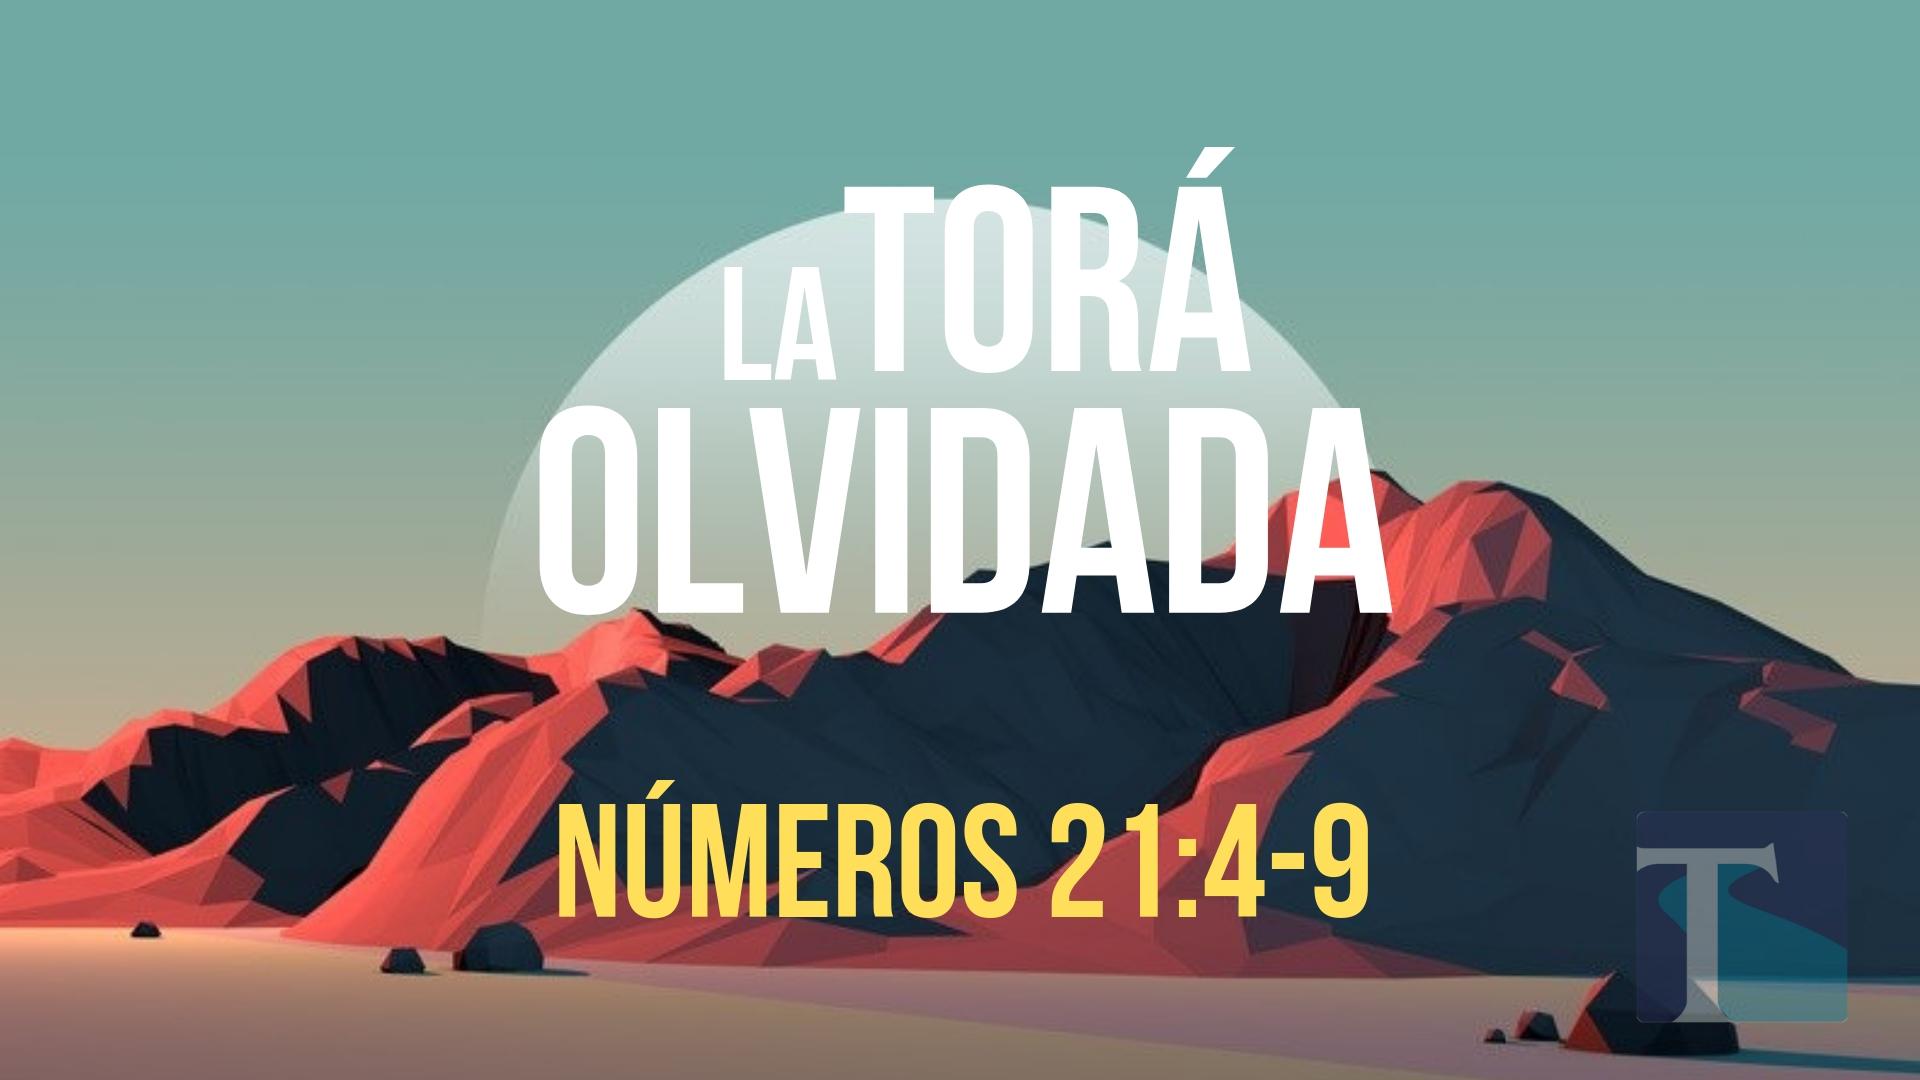 La Tora Olvidada 2-3.jpg